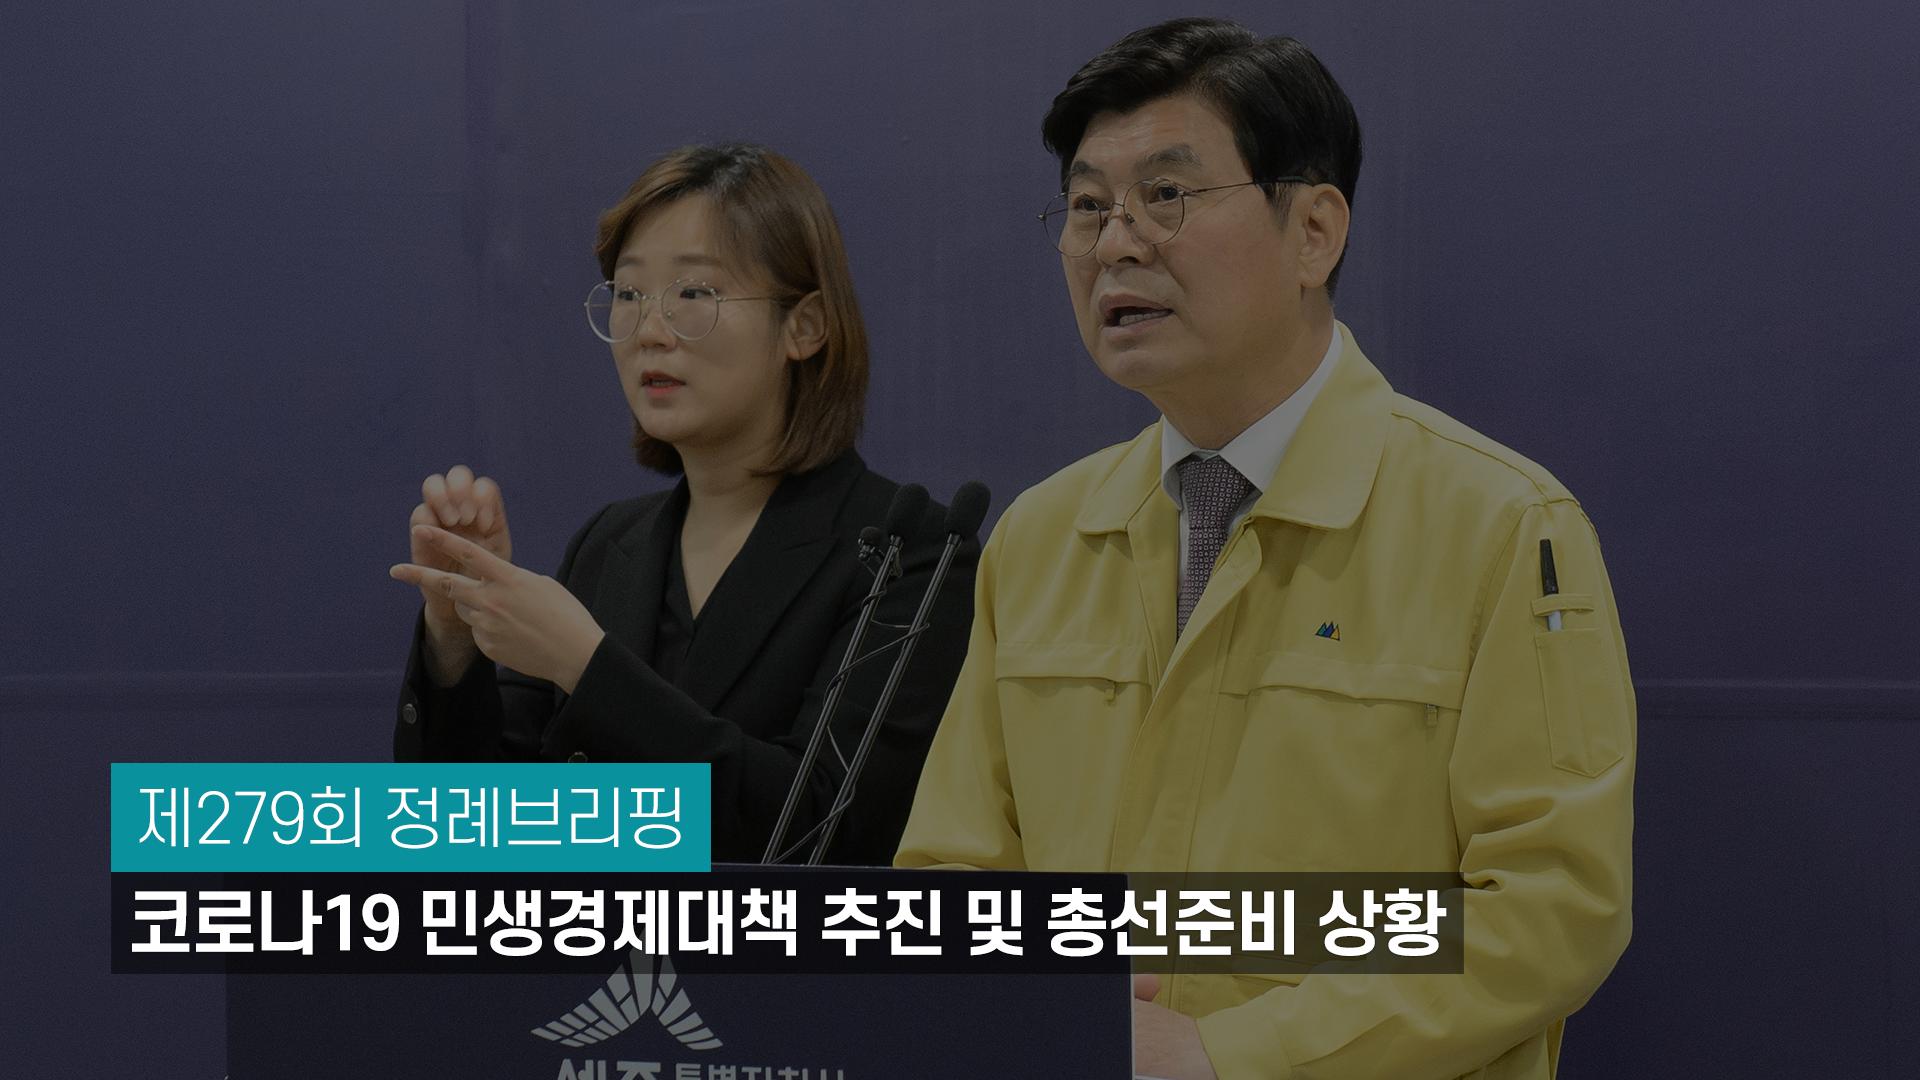 <279번째 정례브리핑>코로나19 민생경제대책 추진 및 총선준비 상황